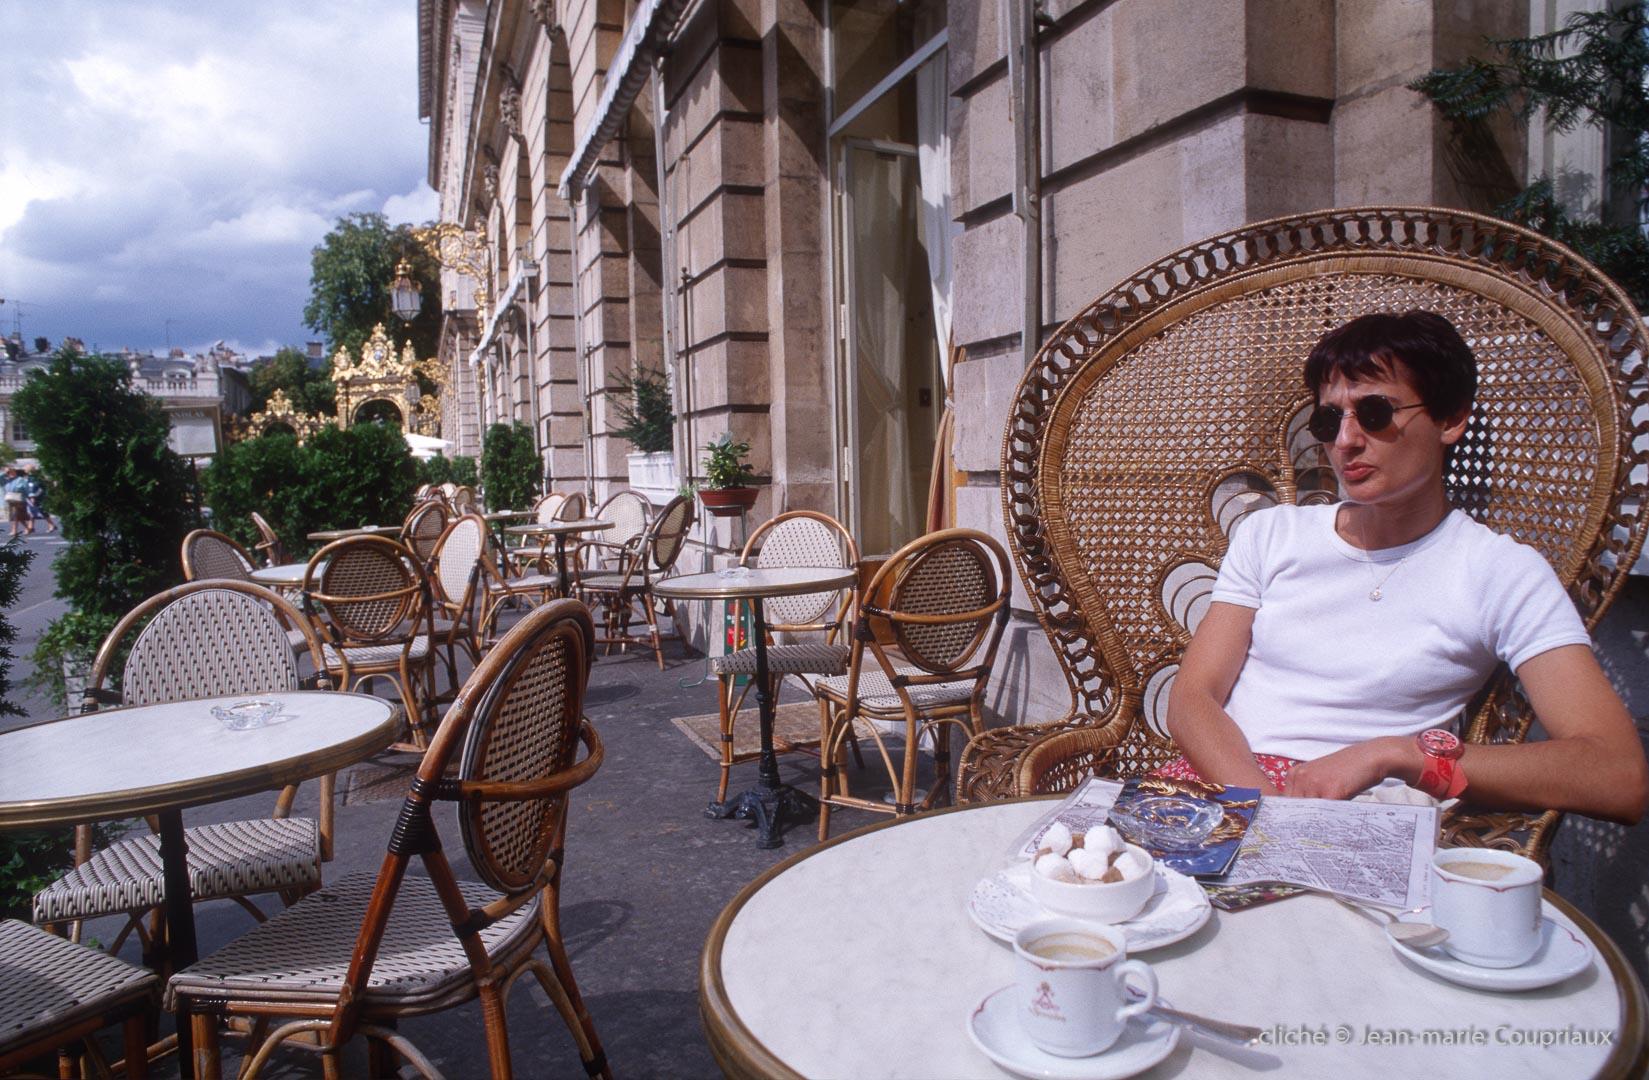 Nancy_1996_hotelReine2